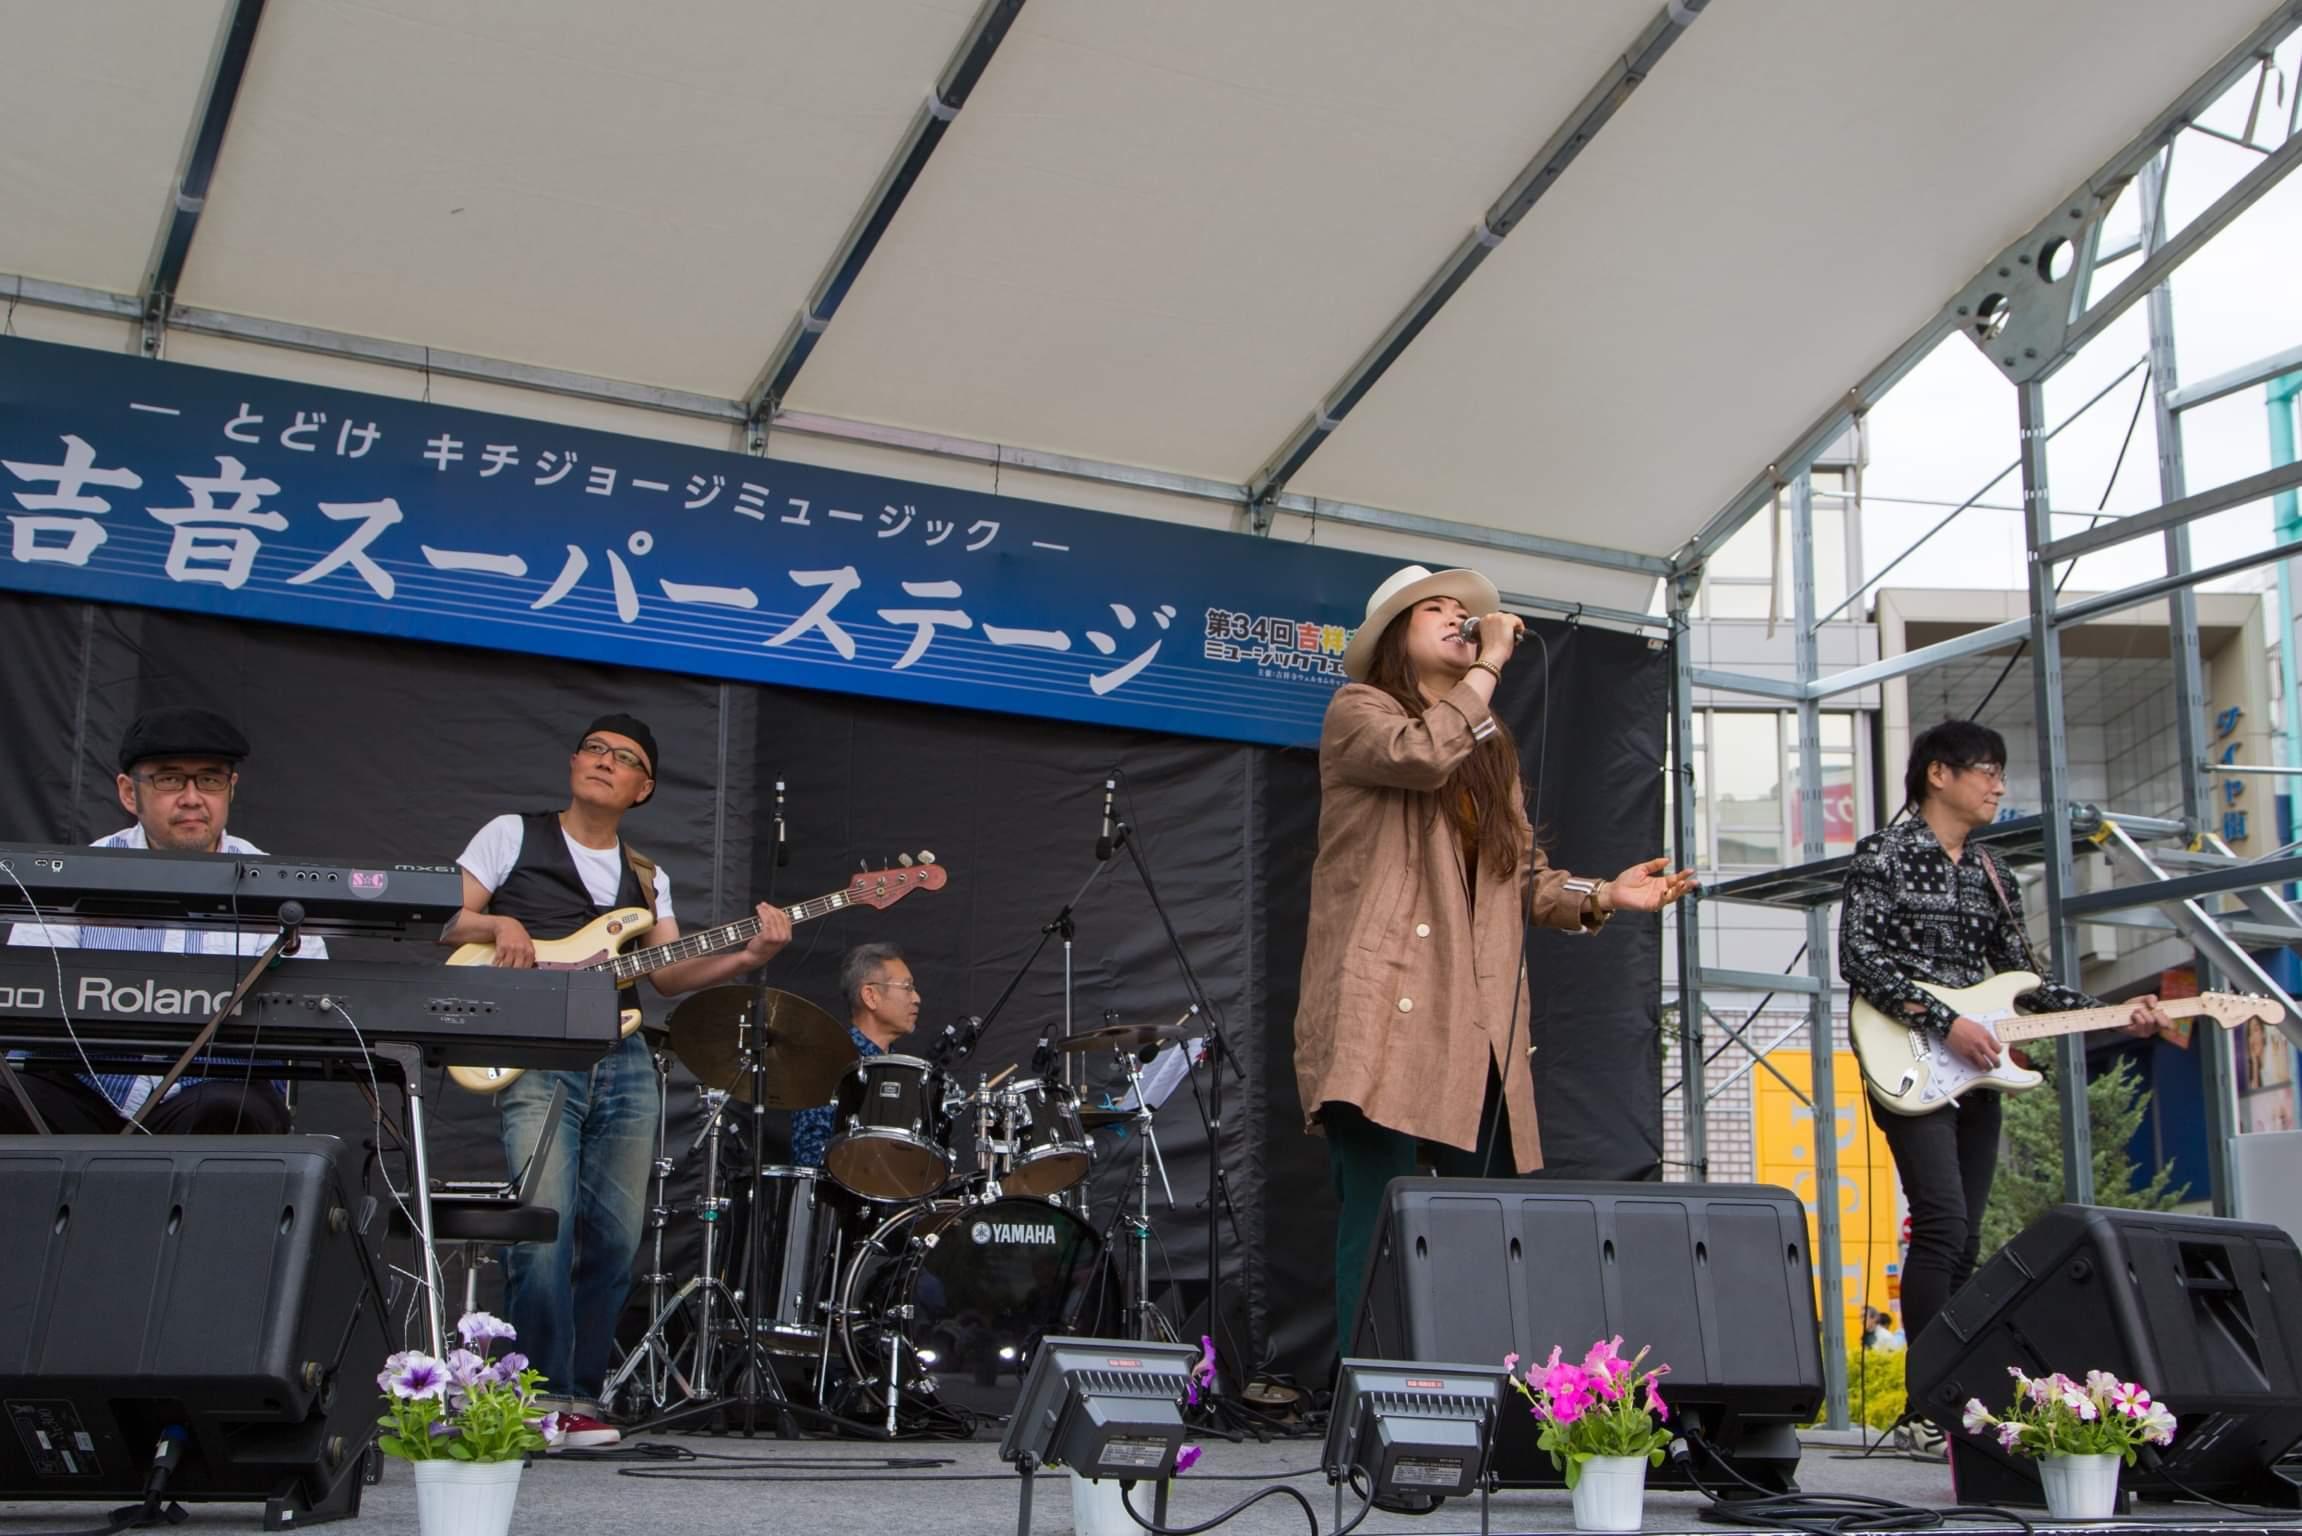 吉祥寺音楽祭ありがとうございました♪→天丼→デモMIX作業_a0088007_22524173.jpeg